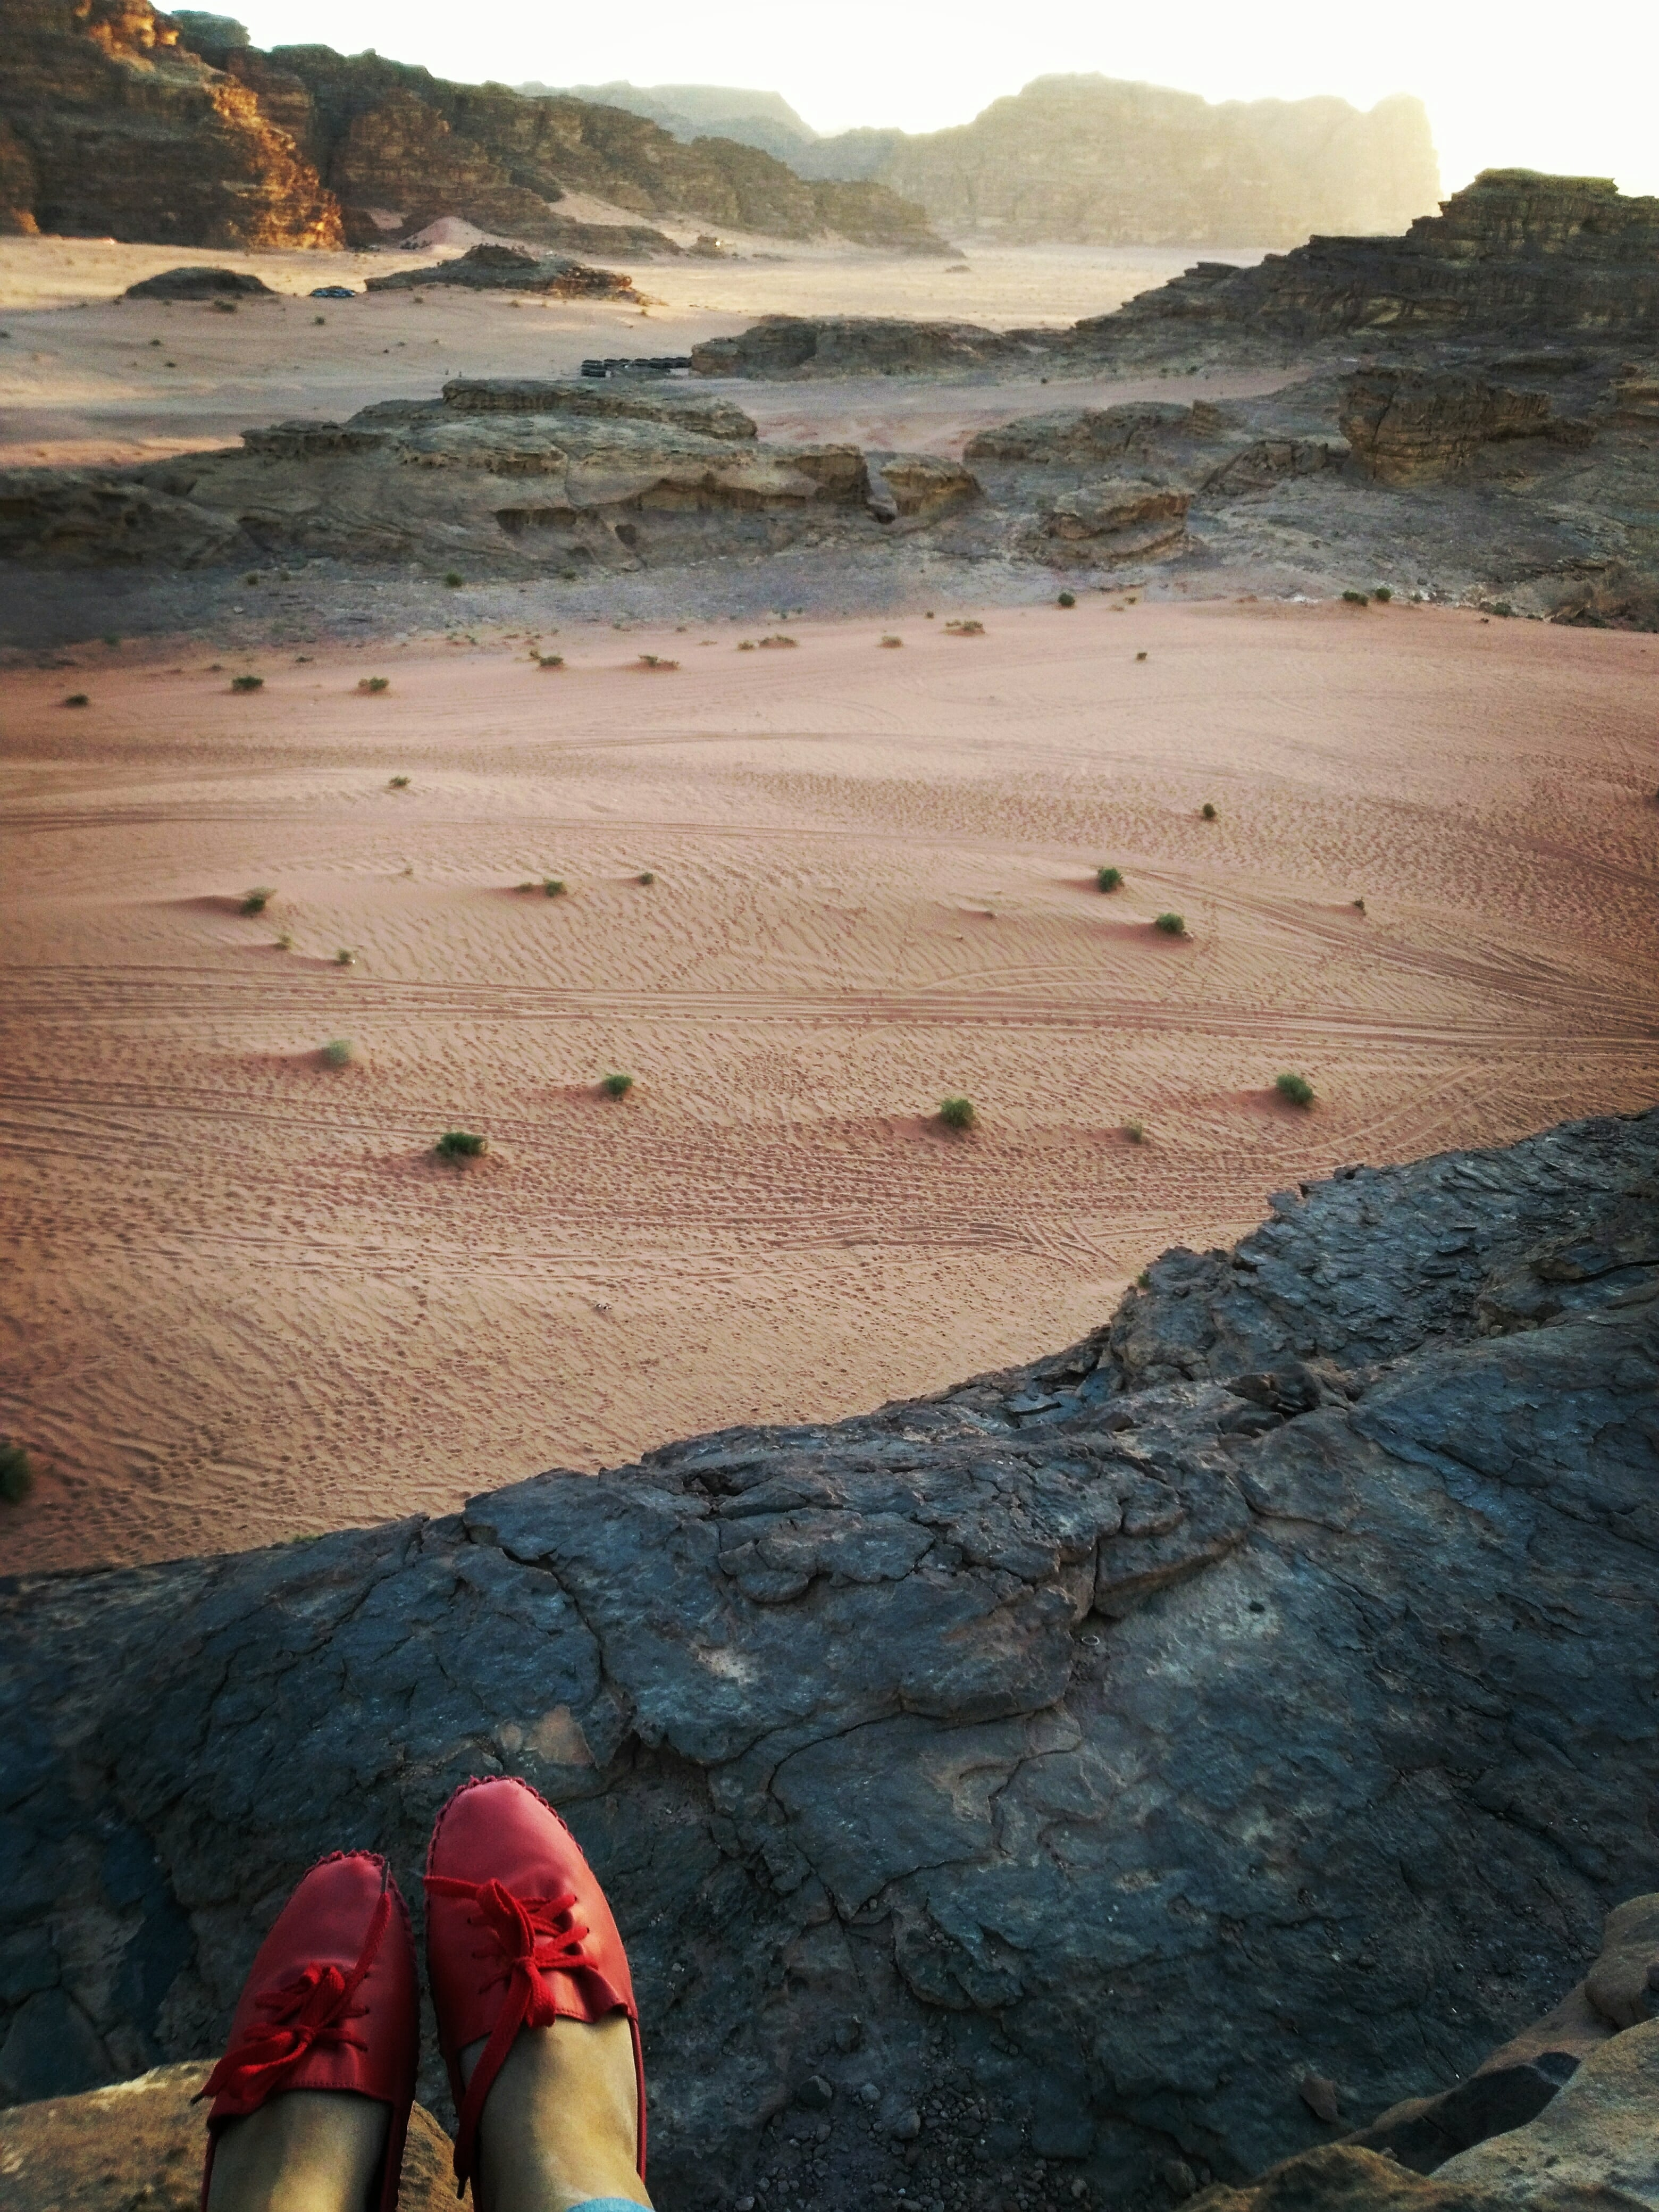 must visit places in Jordan